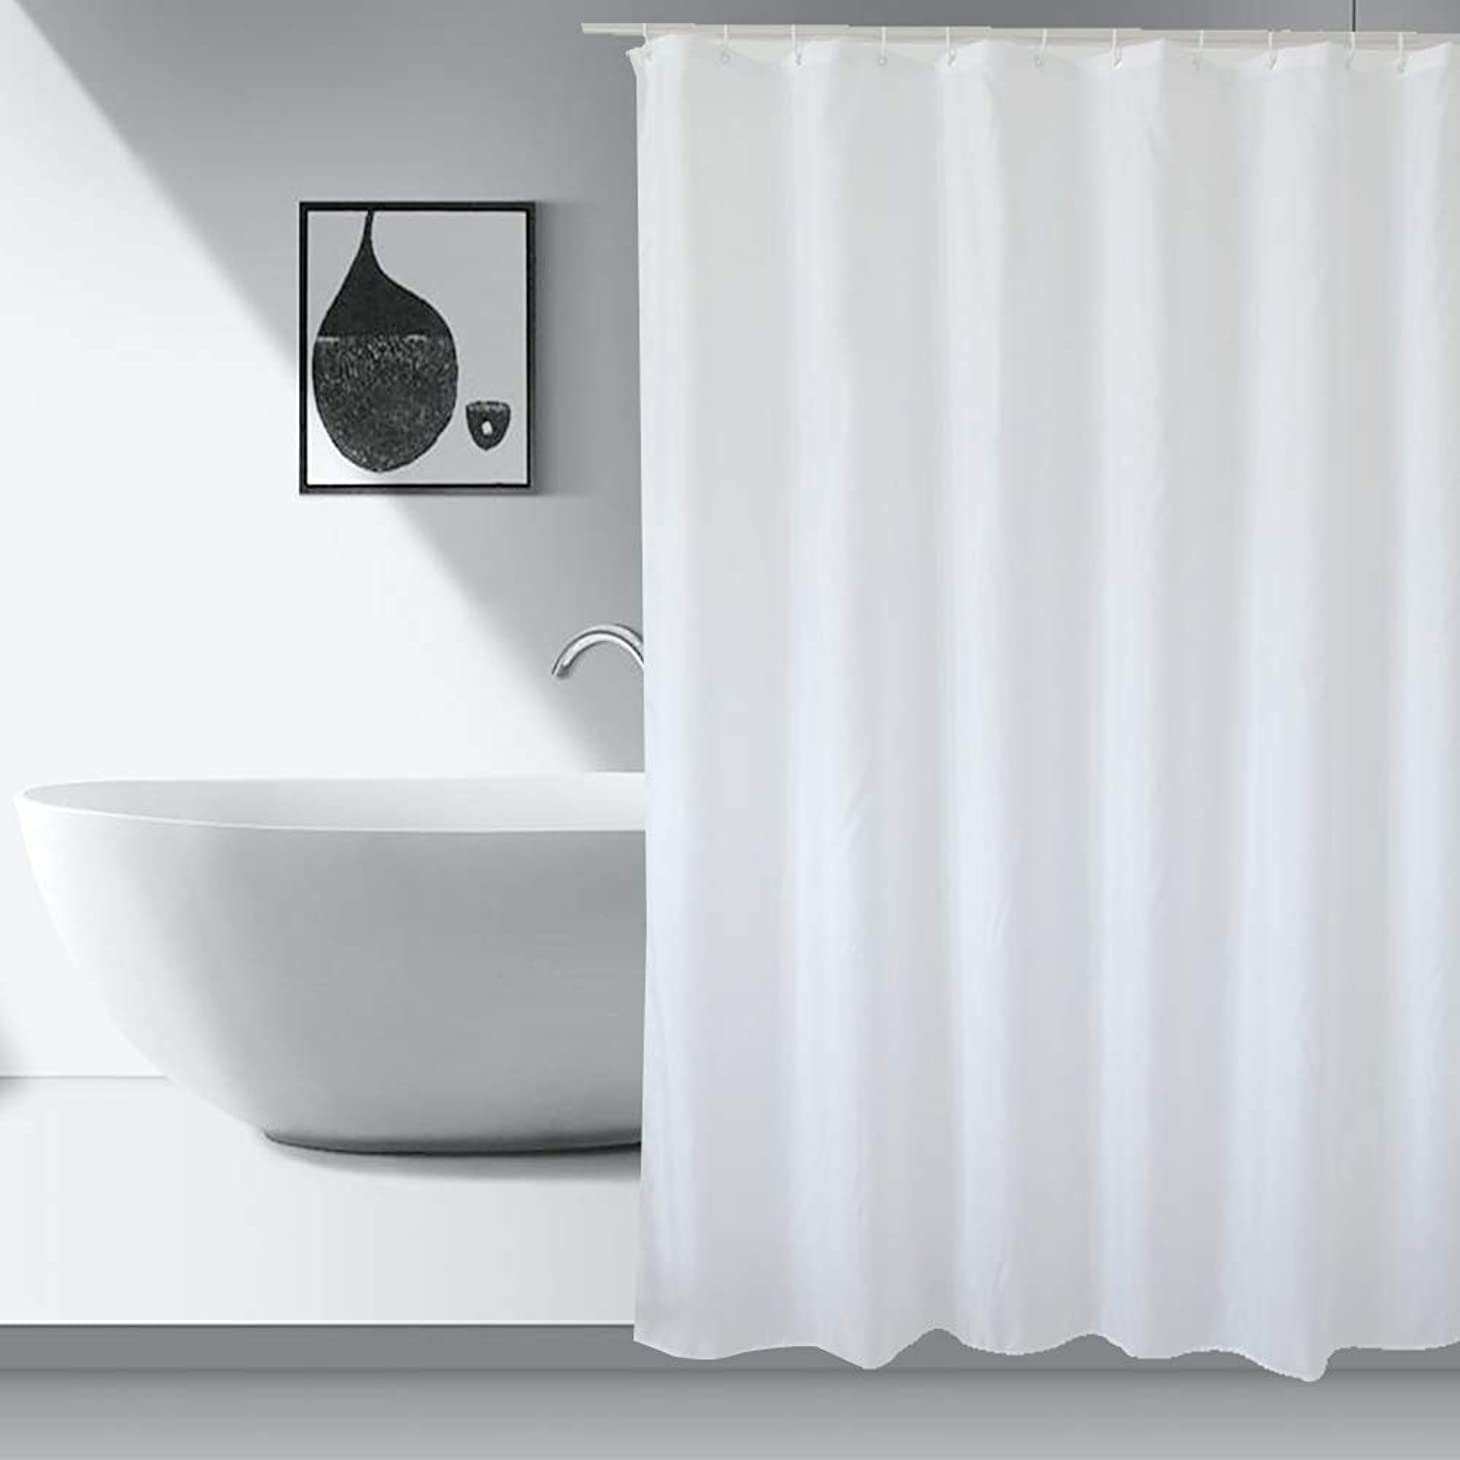 平和な登録するサーバAooYo シャワーカーテン 90 x 180cm おしゃれ 防水 防カビ加工 浴室カーテン 無地 白 ポリエステル 北欧 目隠し用 厚手 取り付け簡単 風呂カーテン 間仕切り バスルーム カーテン 0.9メートル リング付属 シンプル ホワイト